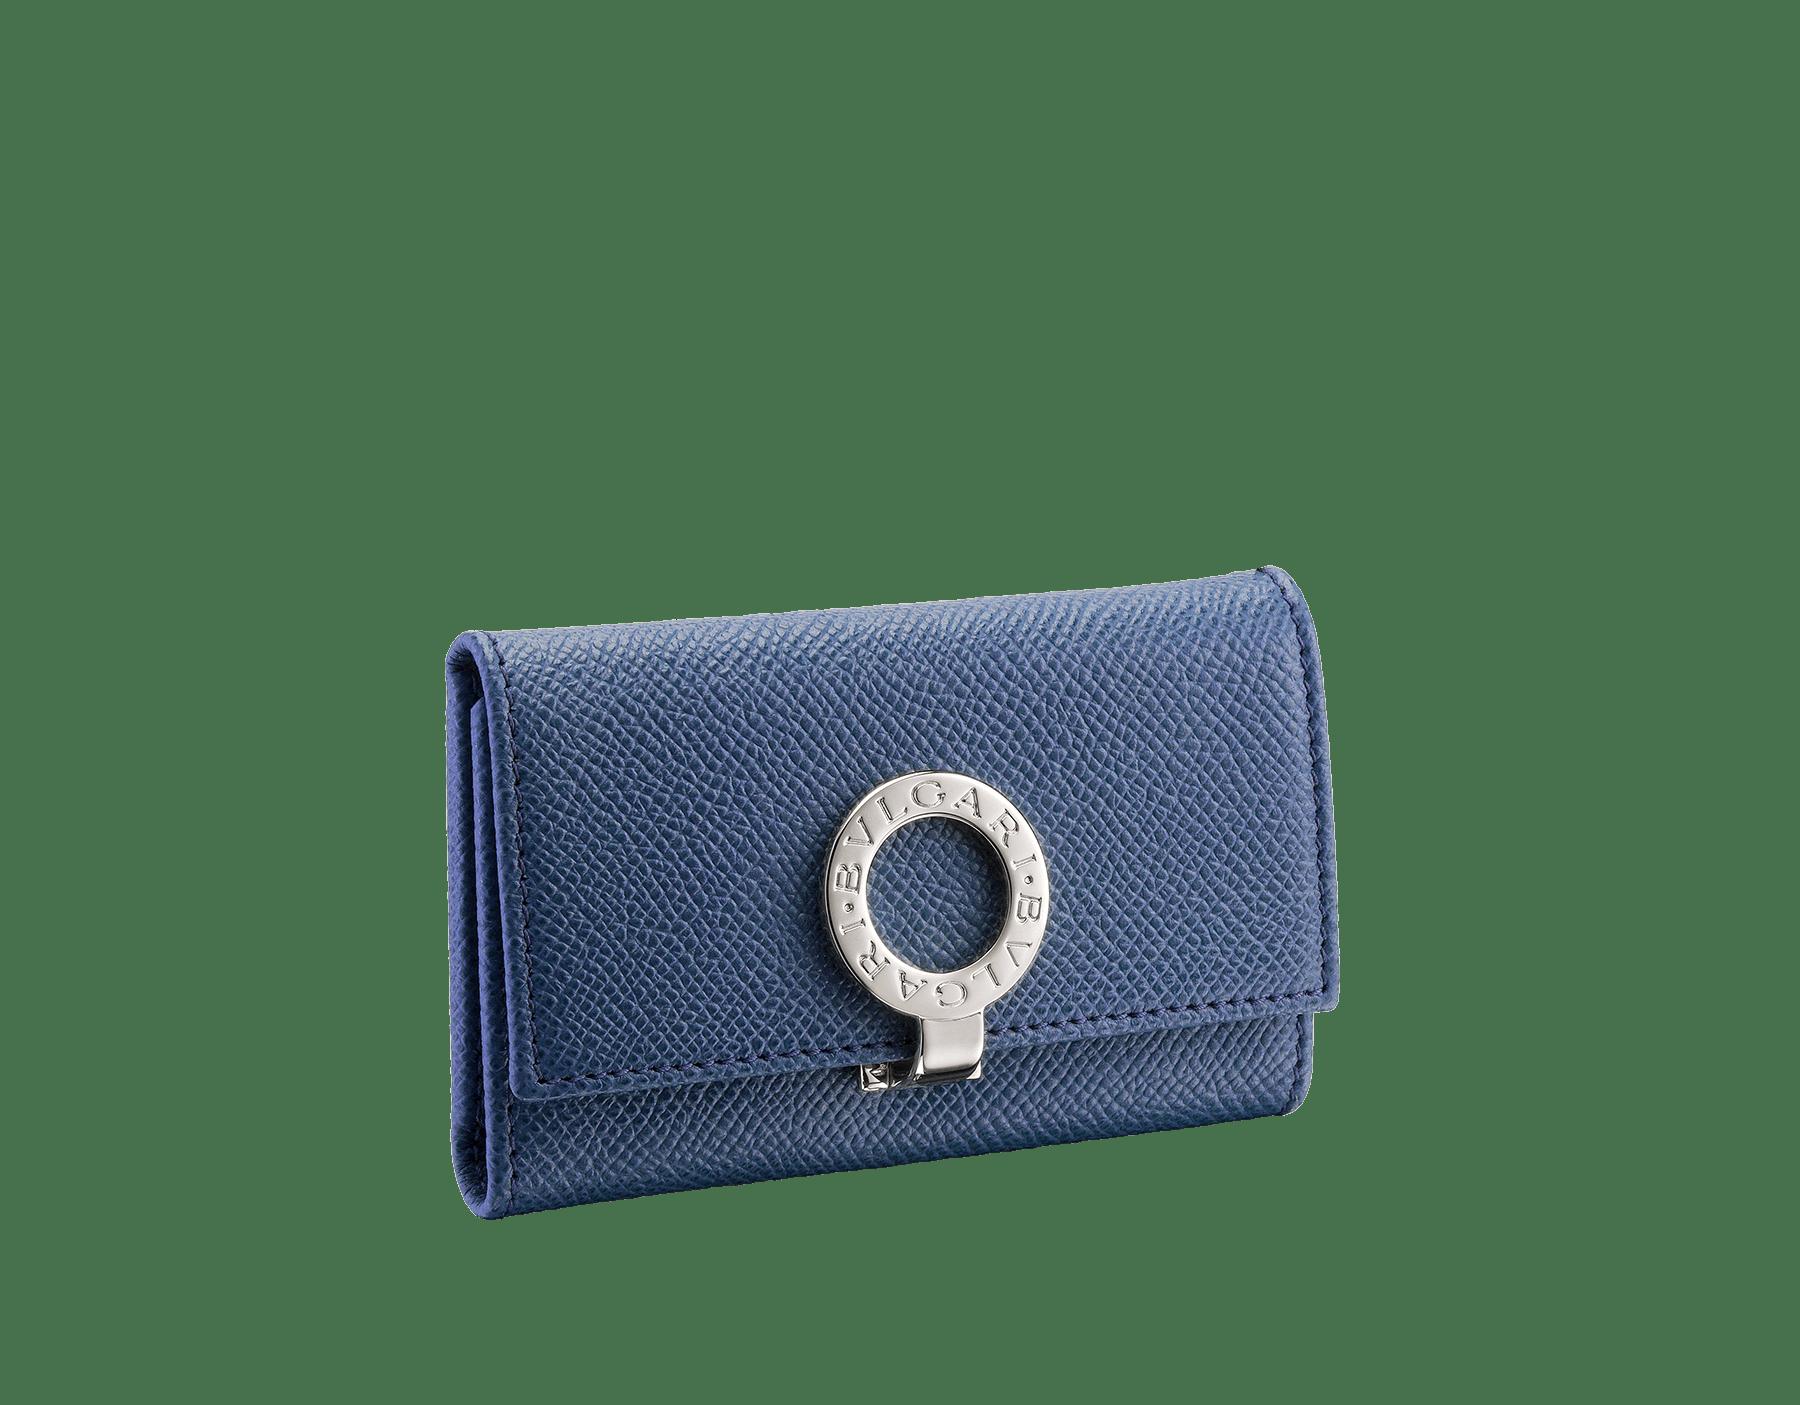 Porte-clés en cuir de veau grainé bleu denim saphir avec doublure en nappa bordeaux. Fermoir emblématique en laiton plaqué palladium orné du motif BVLGARIBVLGARI. 286891 image 1